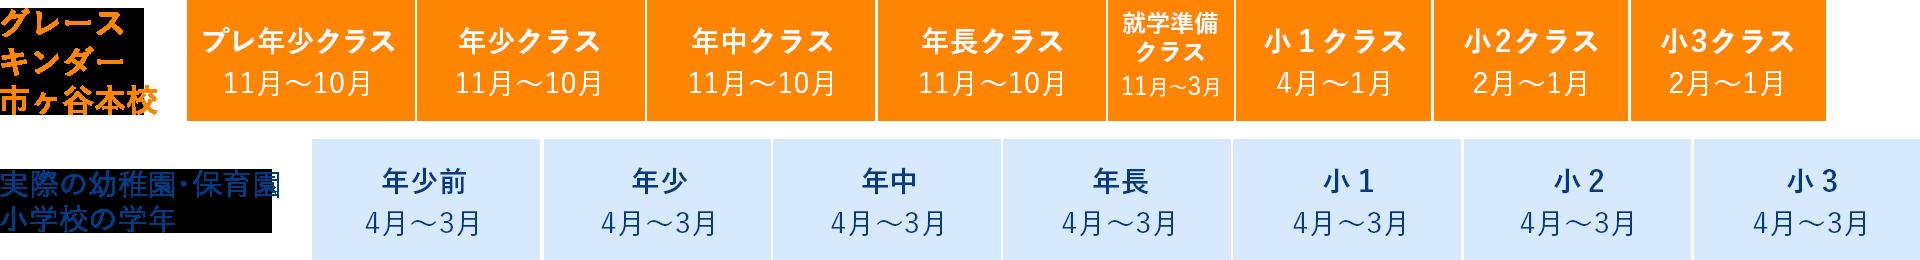 各クラスの始業時期の表